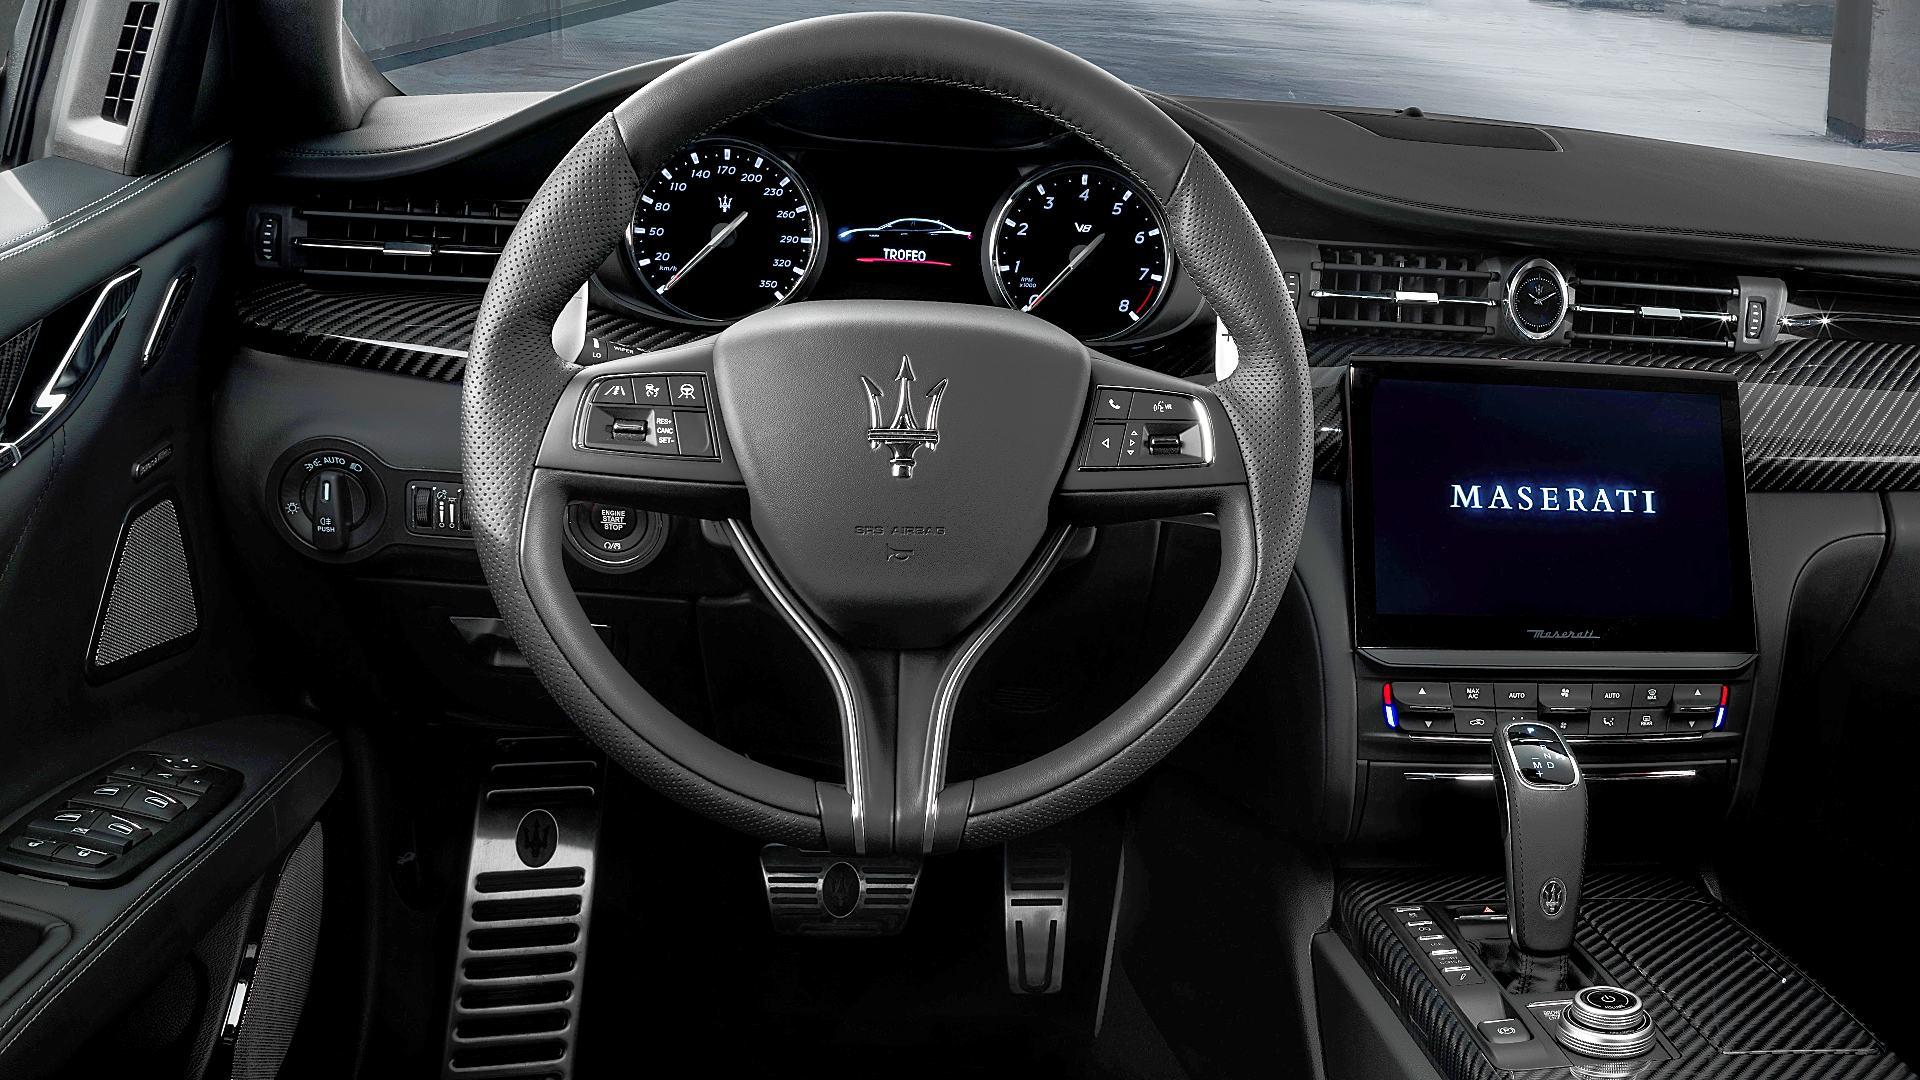 2021 Maserati Quattroporte Trofeo Interior